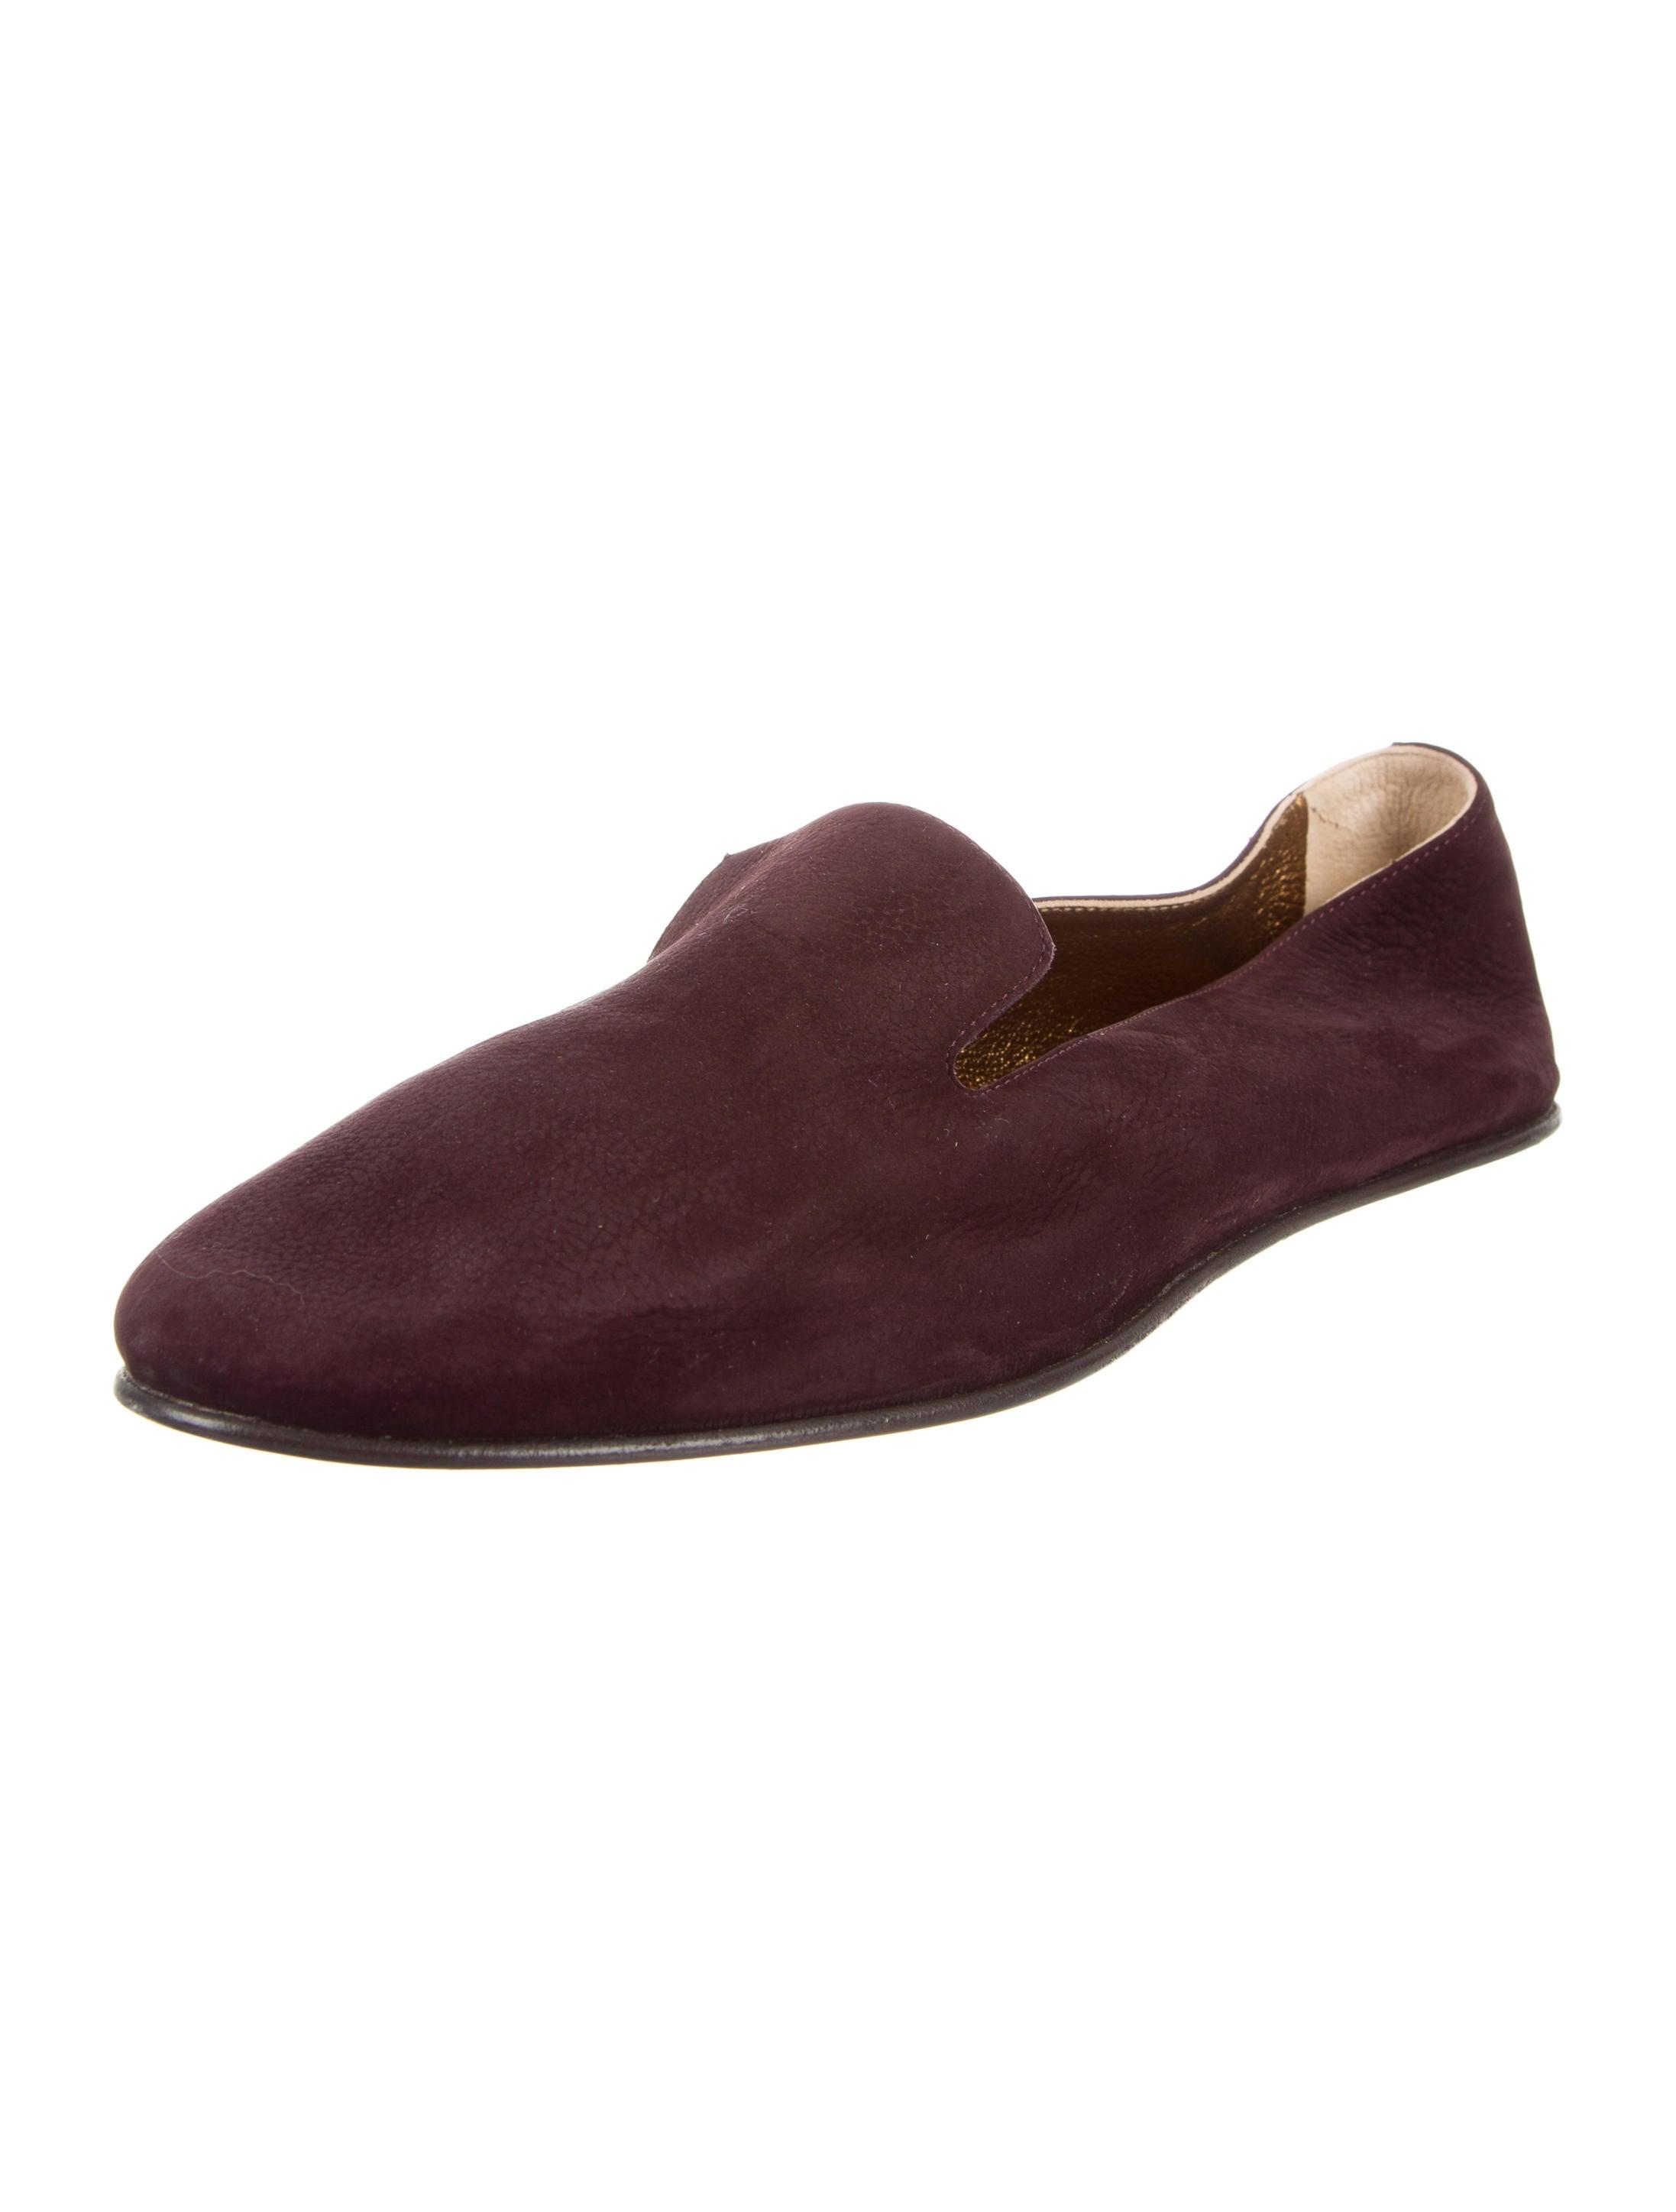 footlocker cheap online Rochas Nubuck Round-Toe Loafers release dates MwXifMBS